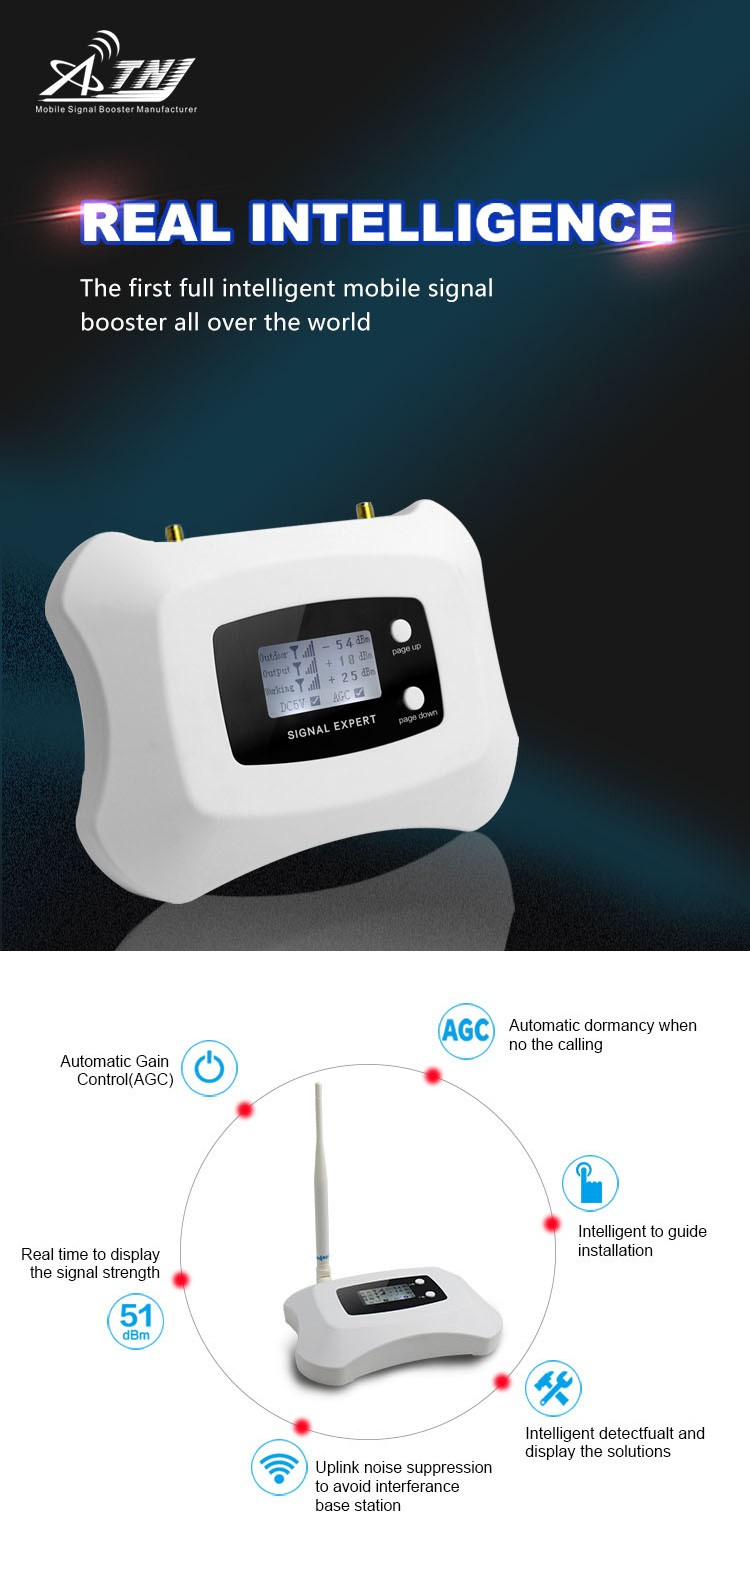 Διαθέτει προηγμένη τεχνολογία καθώς η εταιρεία έχει χρησιμοποιήσει αρκετές πρωτοπόρες πατέντες στην συγκεκριμένη συσκευή  καταφέρνοντας έτσι να κατασκευάσει ίσως το καλύτερο GSM repeater παγκοσμίως